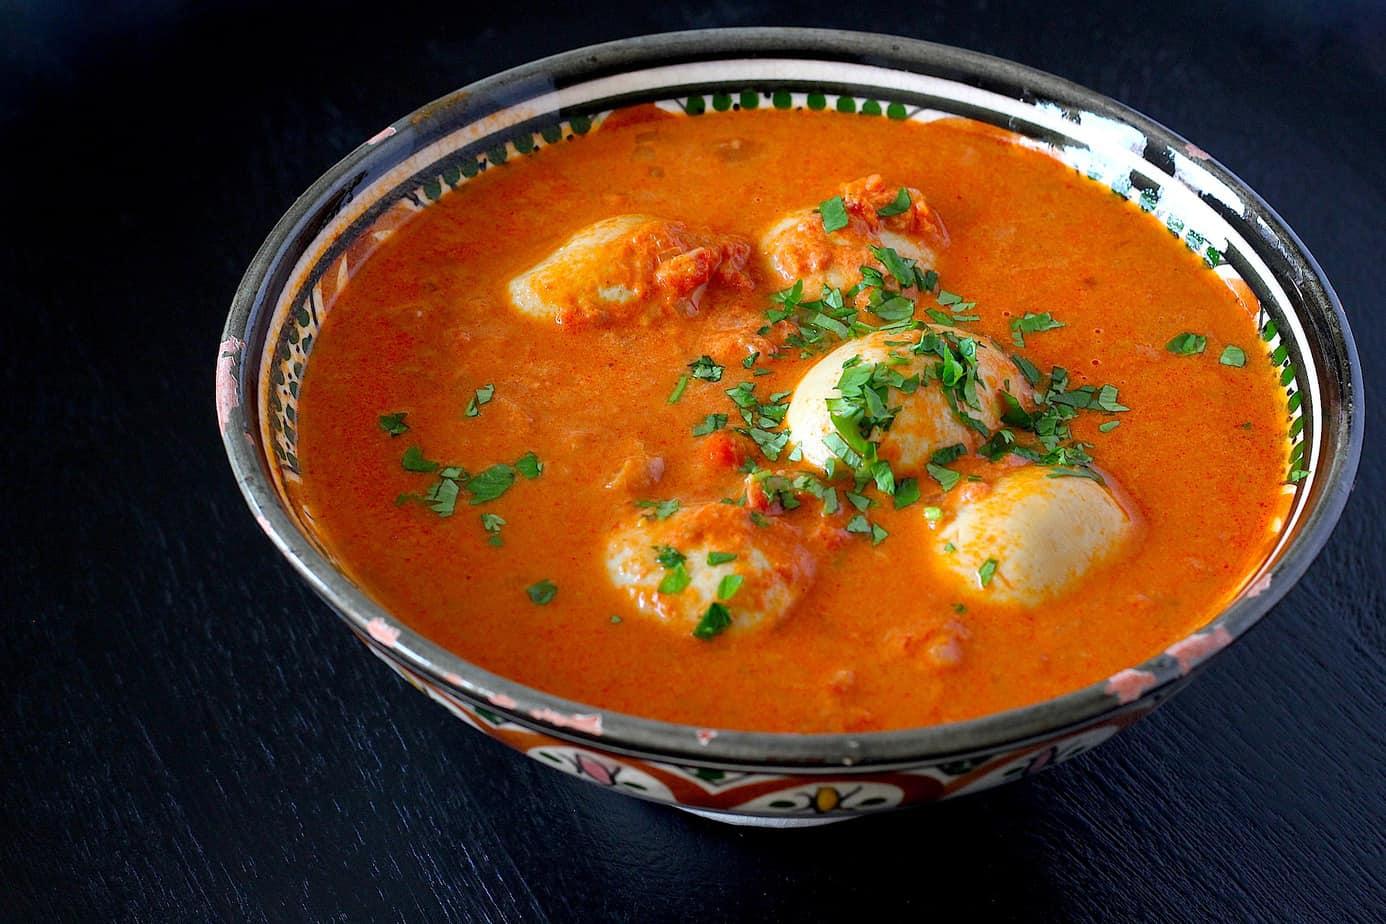 Sambal goreng telor (pittige eieren) Eén van de Indonesische gerechten die ik ook erg lekker vind zijn de pittige eieren oftewel Sambal Goreng Telor. Wat mij betreft mag dit gerecht niet bij een rijsttafel ontbreken. Een heerlijke variatie op vleesgerechten, groenten en rijst. En ook nog eens heel makkelijk te maken. Lang geleden werden eieren ook wel vlees voor de armen genoemd. Een gerecht wat oorspronkelijk uit midden Java komt. Meestal wordt het gegeten met witte rijst en sperziebonen. Zelf vind ik het ook lekker met Rendang of een paar stokjes saté. Ook voor dit gerecht is de boemboe (kruidenpasta) weer de basis. Traditioneel worden de ingrediënten voor de boemboe in de vijzel fijngemalen. Zelf gebruik ik de keukenmachine. Niet te moeilijk doen als het makkelijk kan. Het lekkerste is het om verse ingrediënten te gebruiken. Het meeste kun je vers bij de supermarkt halen. Maar neem gerust ook wat extra van de toko meee als je daar langs gaat want het meeste kan ingevroren worden en zo grijp je dan nooit mis. Deze Telor maakt samen met de Rendang van een paar weken geleden en de sajoer boontjes van vorige week een feestelijke rijsttafel die ik volgende week zal delen. Maar eerst het recept van deze pittige eieren. Ingrediënten: 8 eieren, hardgekookt 2 sjalotten, of 1 ui 1 teentje knoflook ½ theelepel sambal oelek of meer naar smaak 1 theelepel gemalen laos 1 theelepel palmsuiker, kokosbloesemsuiker of rietsuiker 2 poeroet blaadjes (limoenblad) 1 blik tomatenblokjes (400 gram) 100 ml kokosmelk 1 klein bouillonblokje ½ theelepel trassi (garnalenpasta, verkrijgbaar in de supermarkt) scheutje ketjap manis wokolie Aan de slag: Kook de eieren in 8 a 10 minuten hard en pel ze. Doe de sjalotten, knoflook, sambal, laos, palmsuiker en trassi in de keukenmachine en maal alles tot een kruidenpasta. Verwarm de wokolie in een pan met een dikke bodem en bak heel even de boemboe (kruidenpasta) aan. Hierdoor komen de geuren en smaken nog meer tot hun recht. Voeg dan de tomatenblok